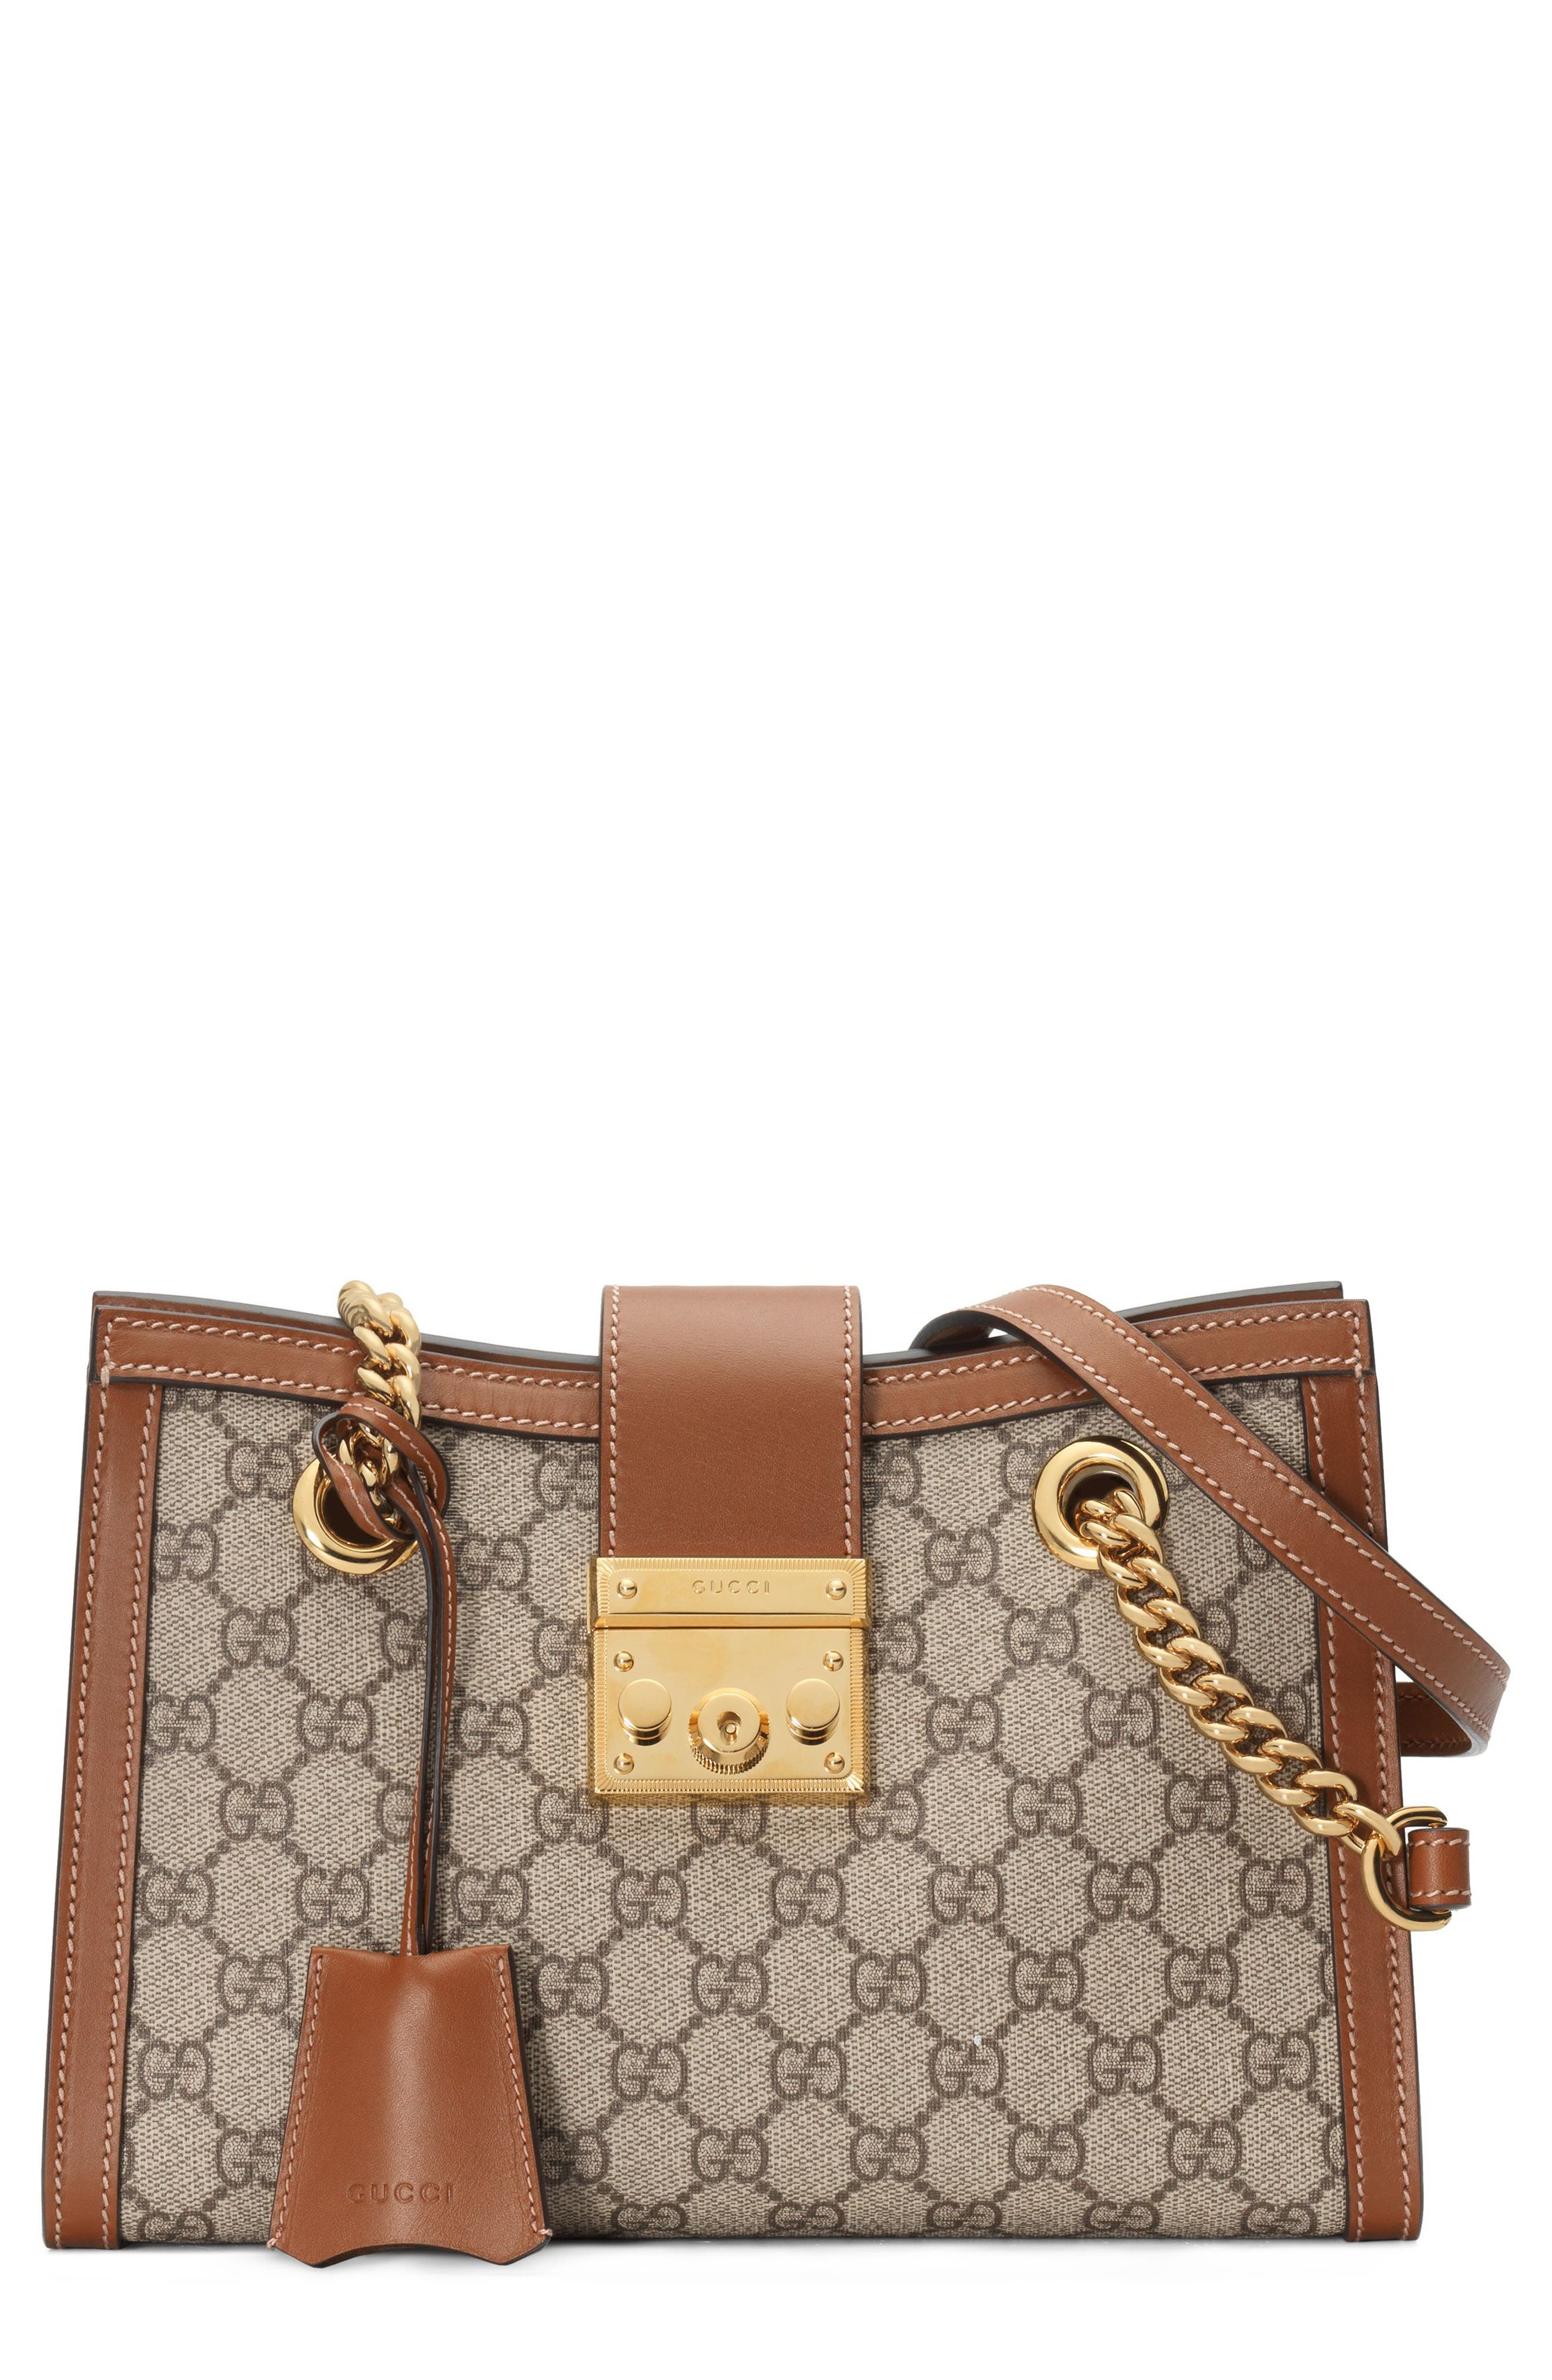 GUCCI, Small Padlock GG Supreme Shoulder Bag, Main thumbnail 1, color, BEIGE EBONY/ TUSCANY